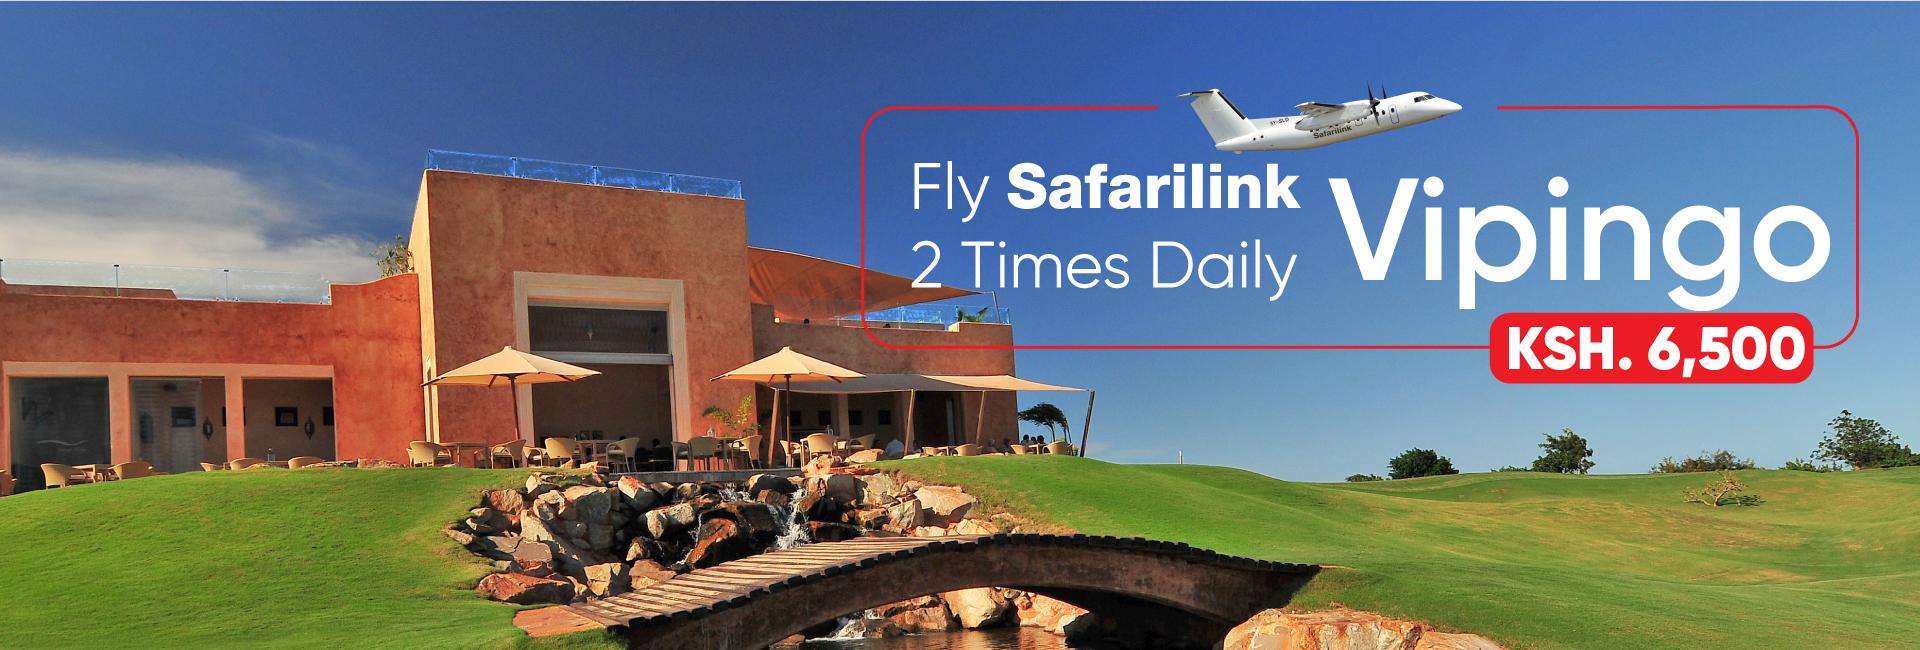 Fly Safarilink To Vipingo Deals